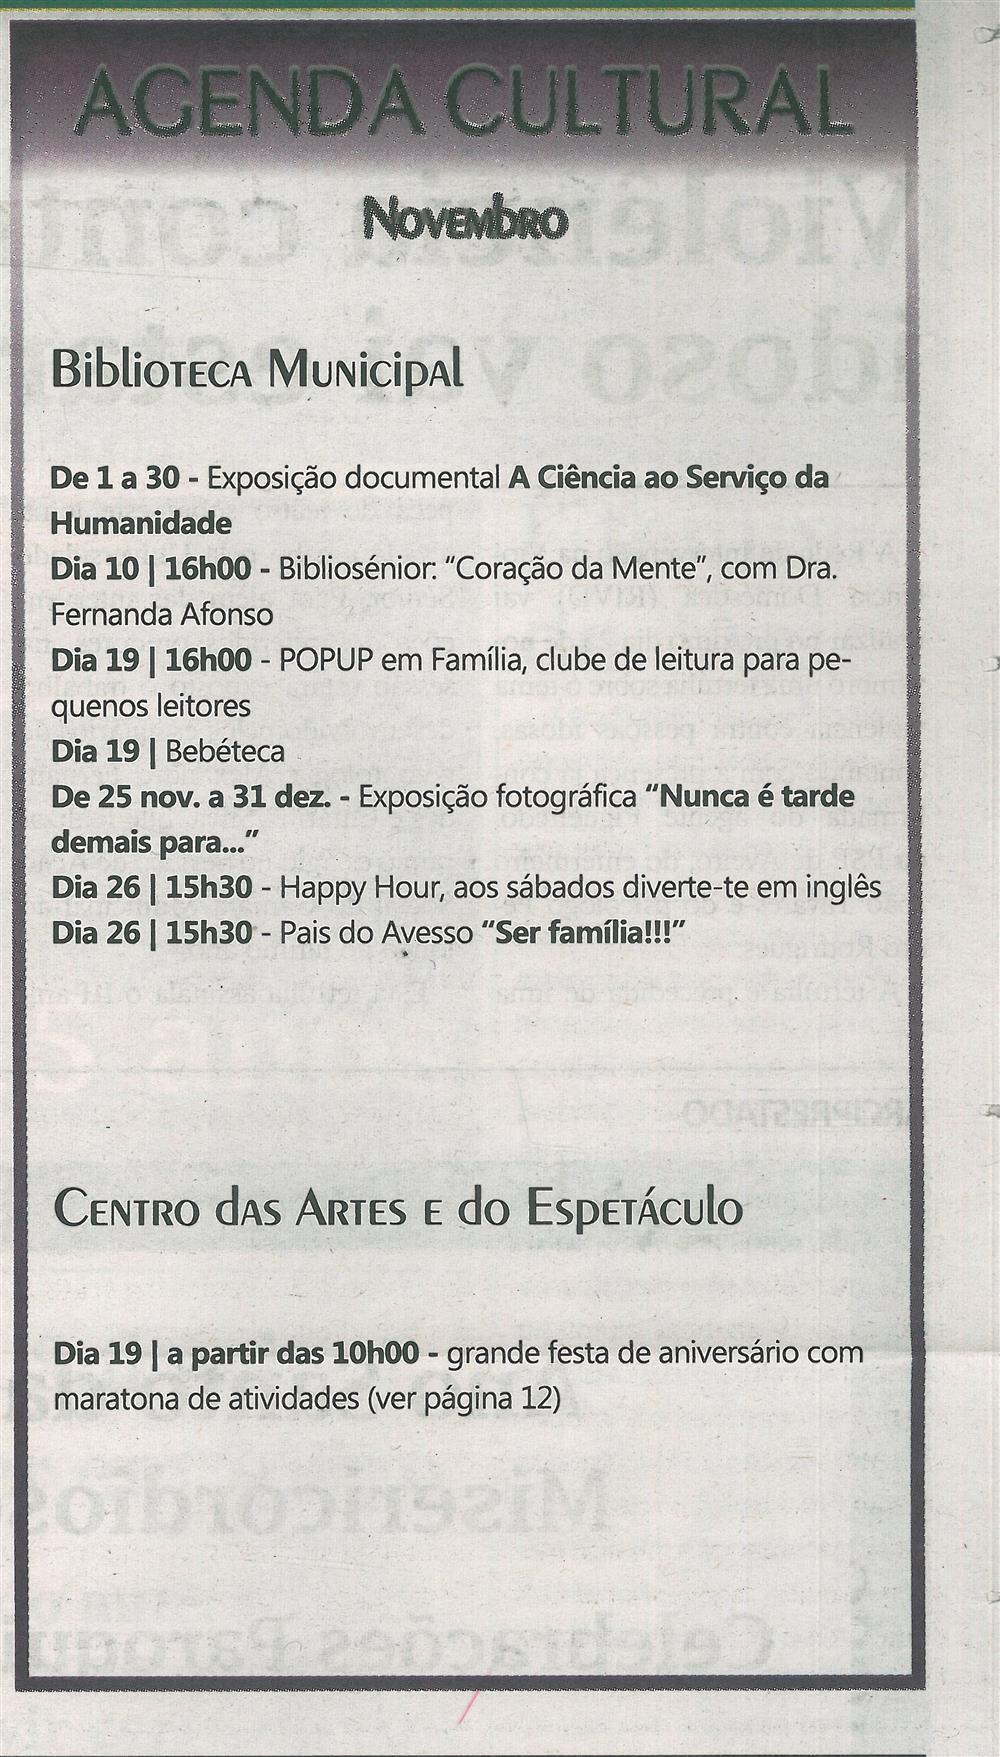 TV-nov.'16-p.19-Agenda Cultural - novembro - Biblioteca Municipal - Centro das Artes e do Espetáculo.jpg